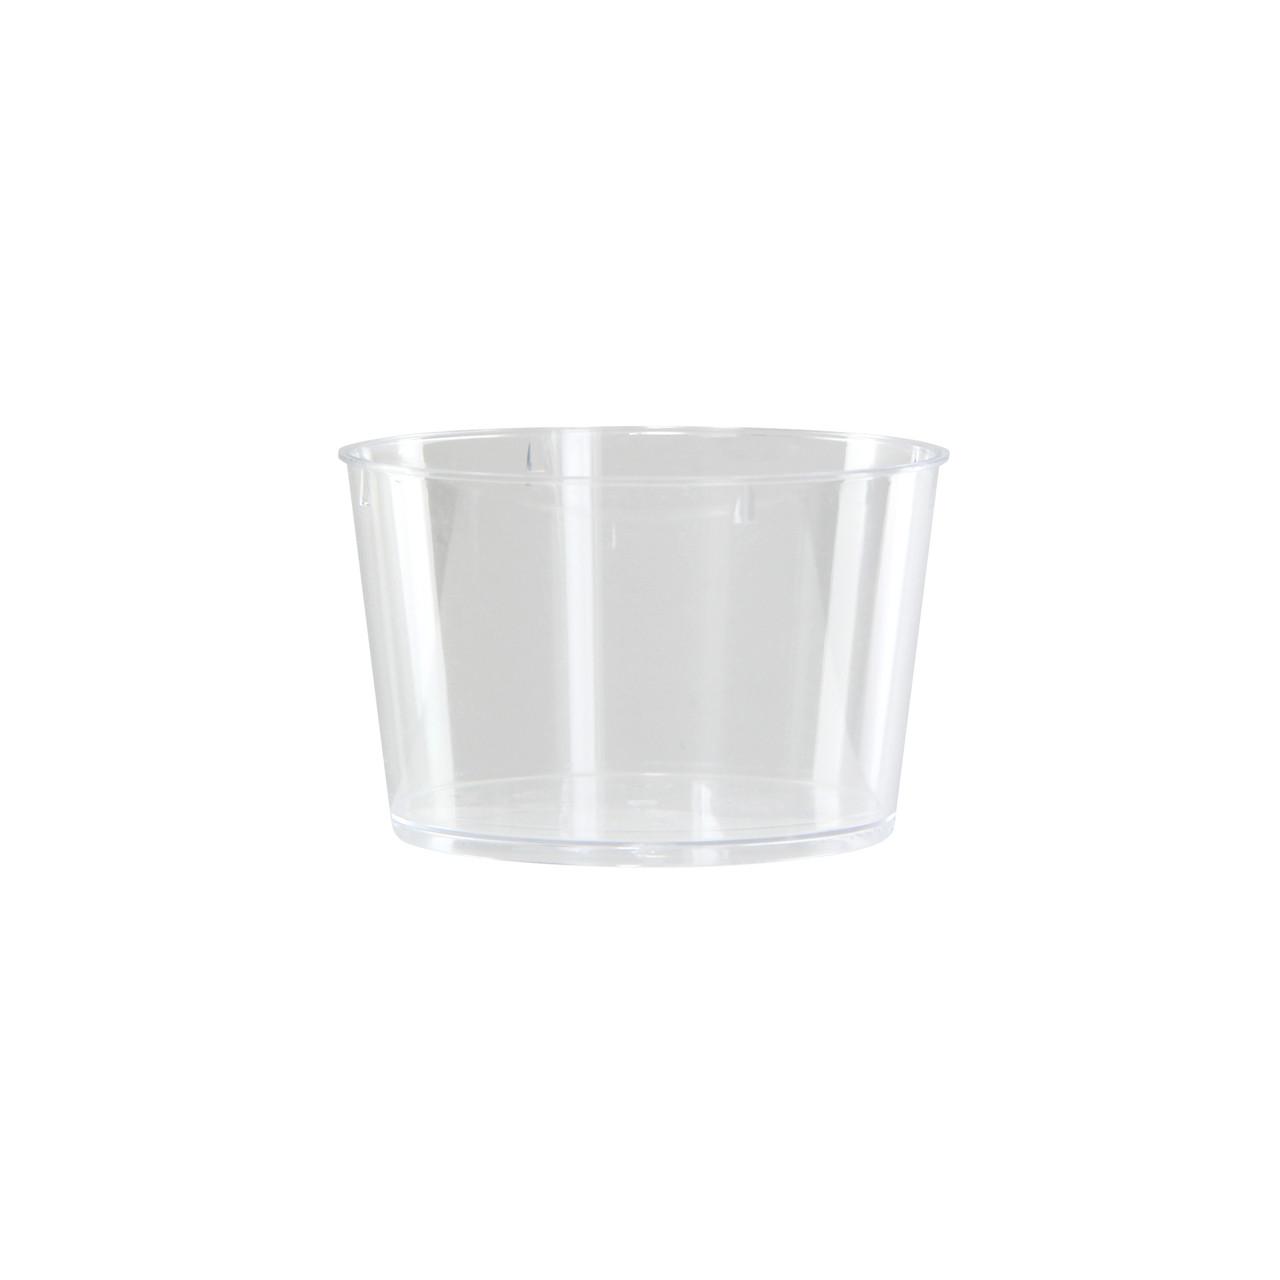 Bodega Glass -5oz Dia:3in H:1.9in